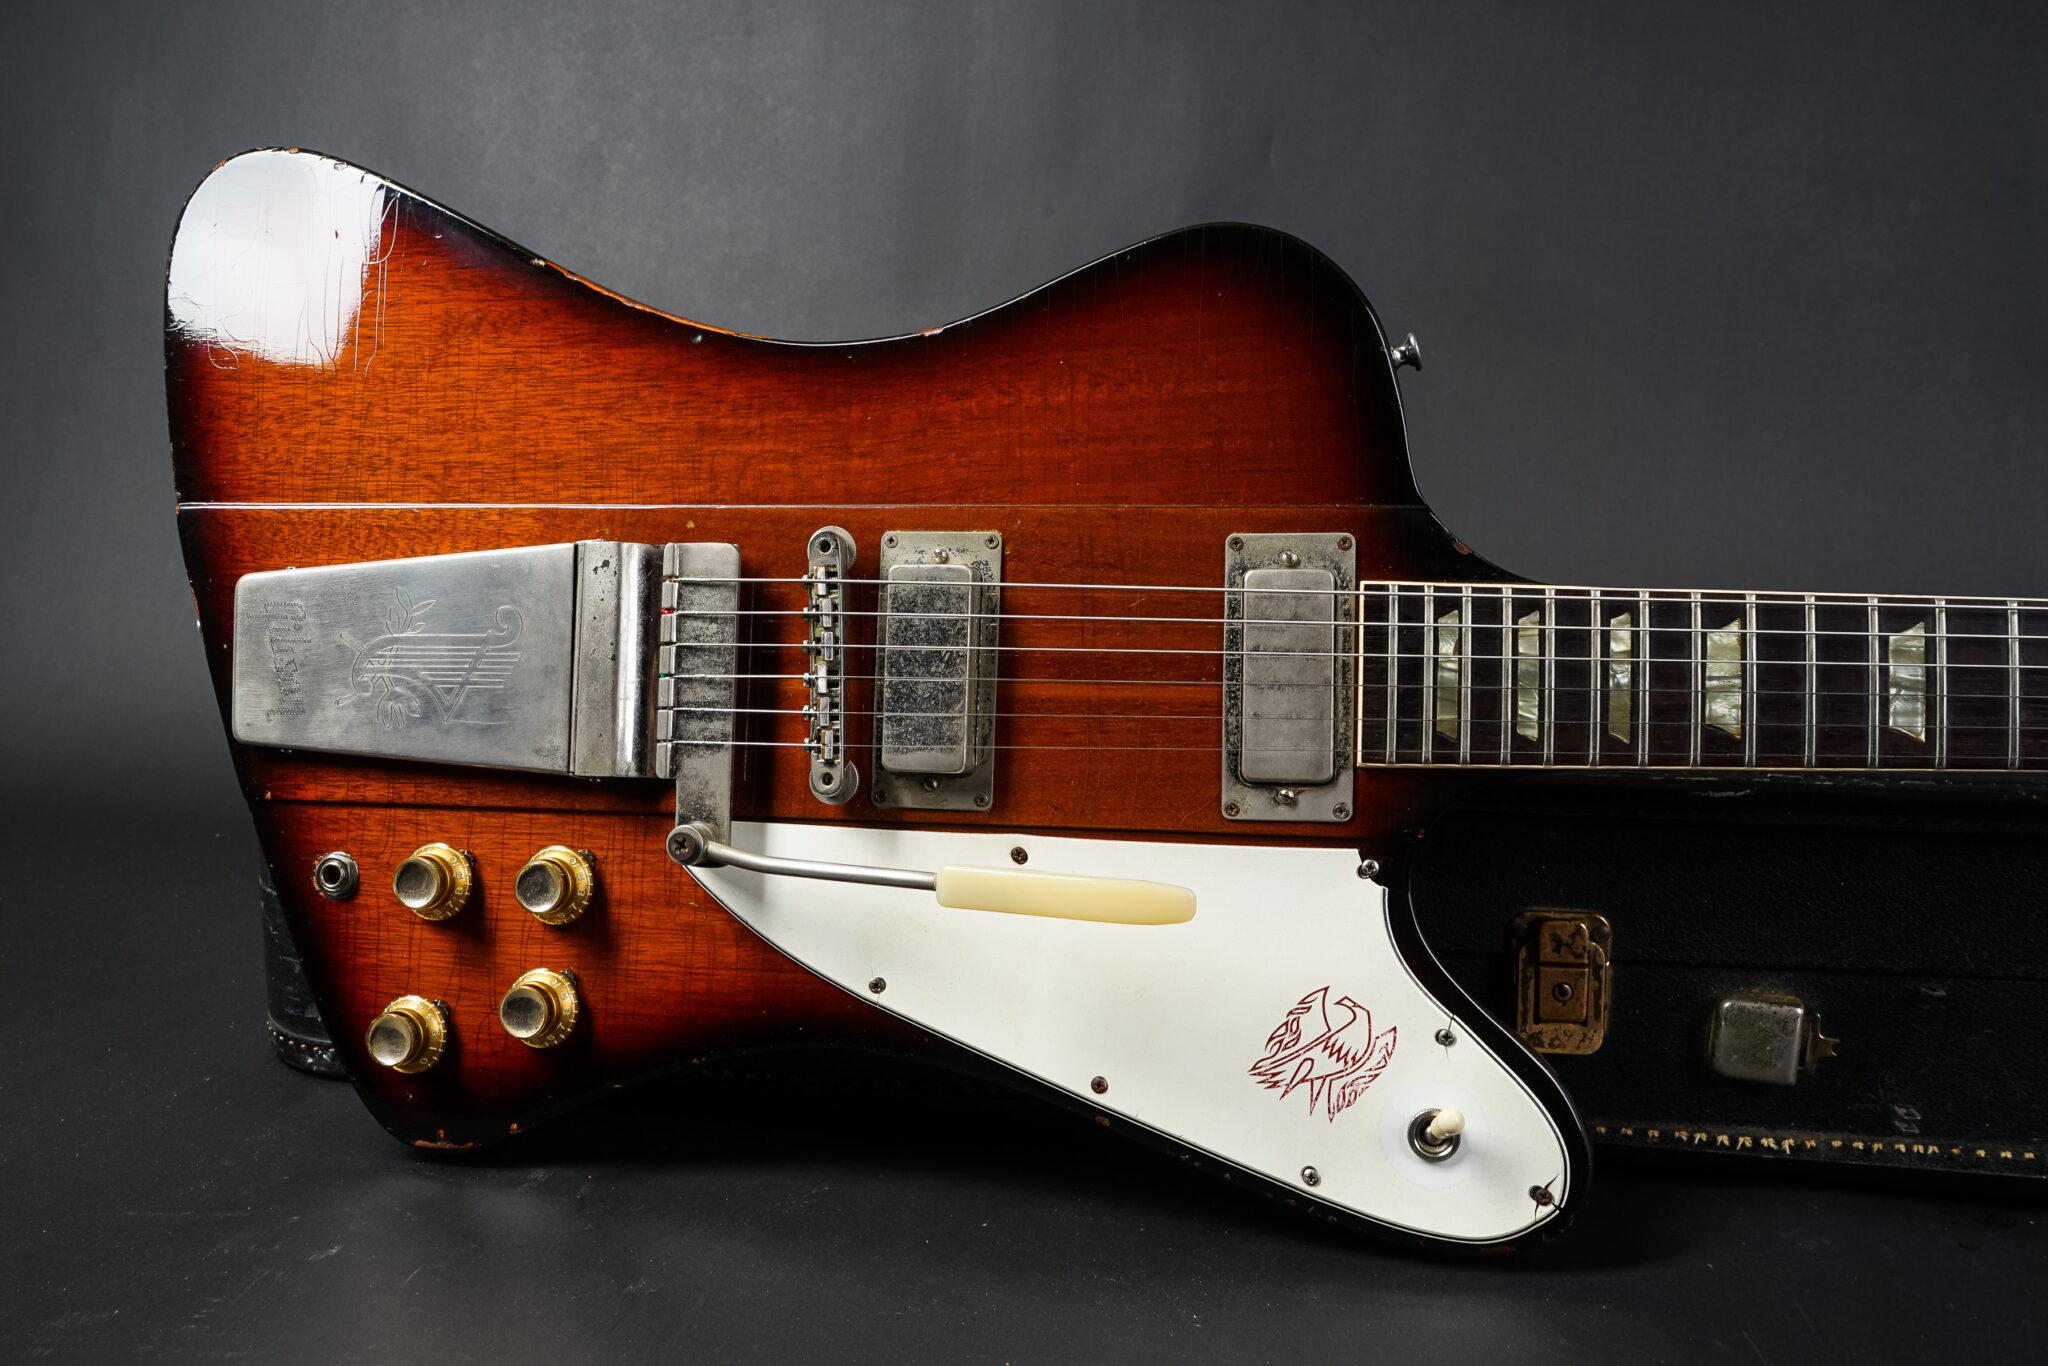 https://guitarpoint.de/app/uploads/products/1964-gibson-firebird-v-sunburst-2/1964-Gibson-Firebird-V-153634-9-2048x1366.jpg